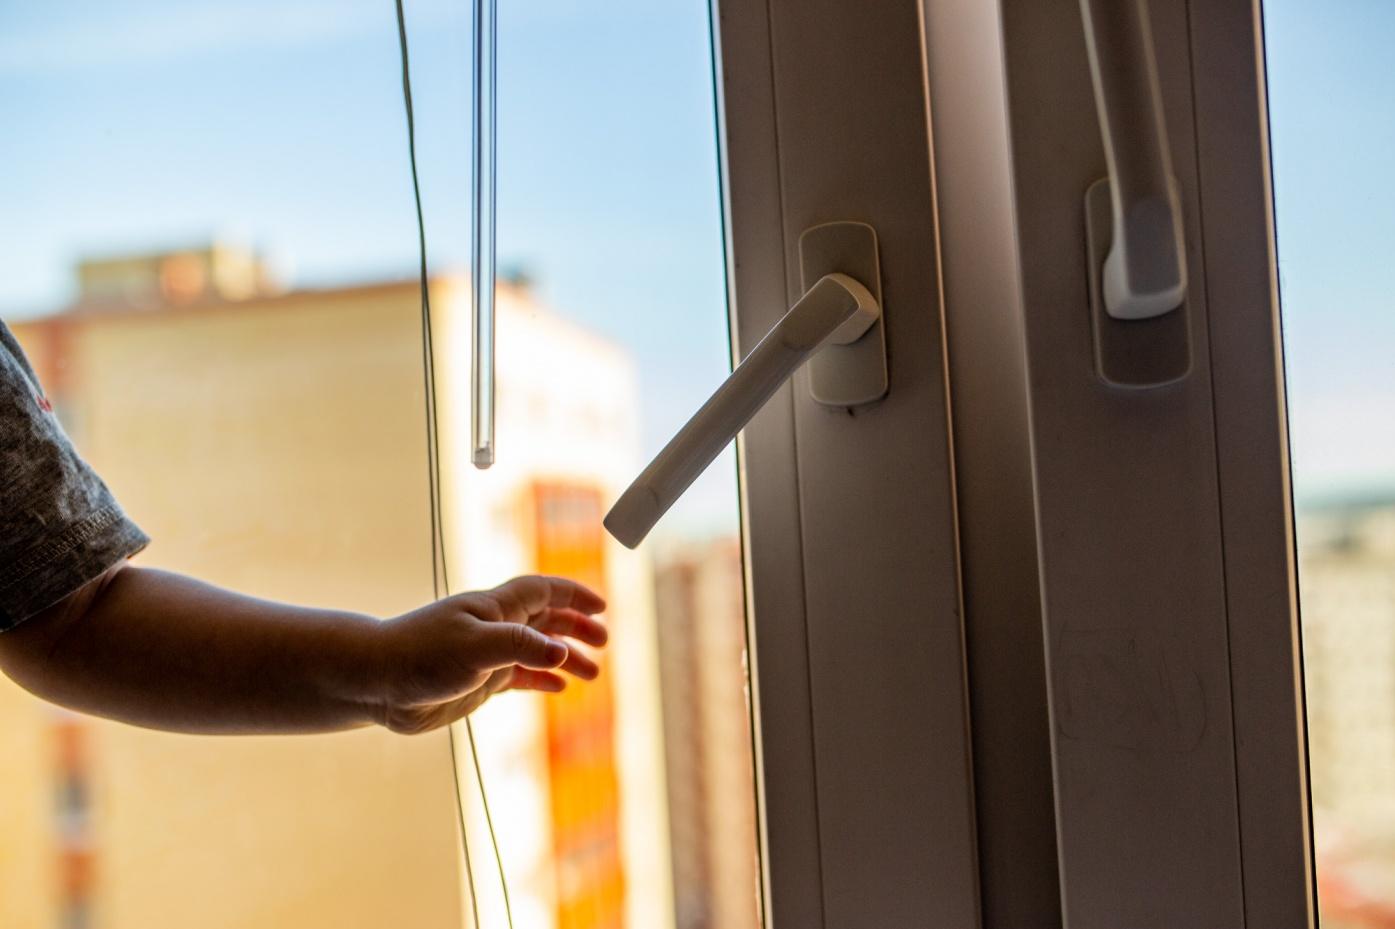 Встаньте на колени: советы спасателей, как защитить ребёнка от падения из окна